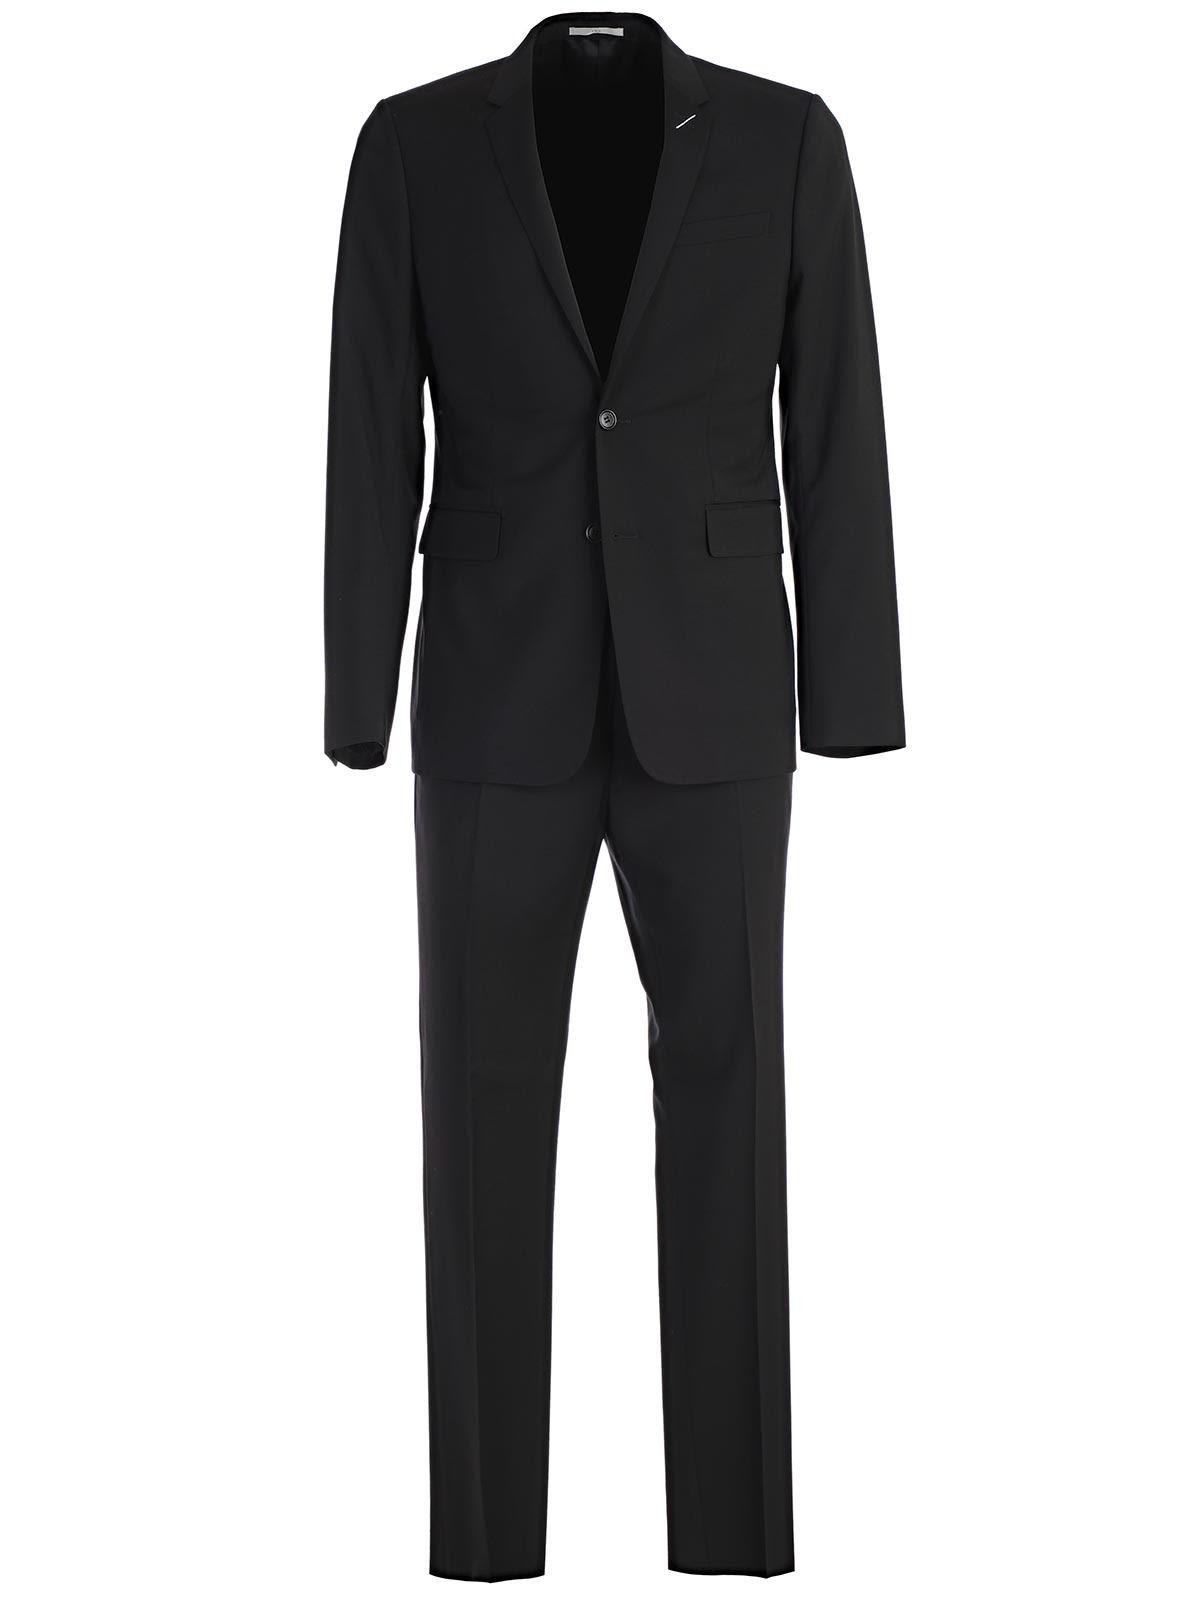 Dior Homme Suit